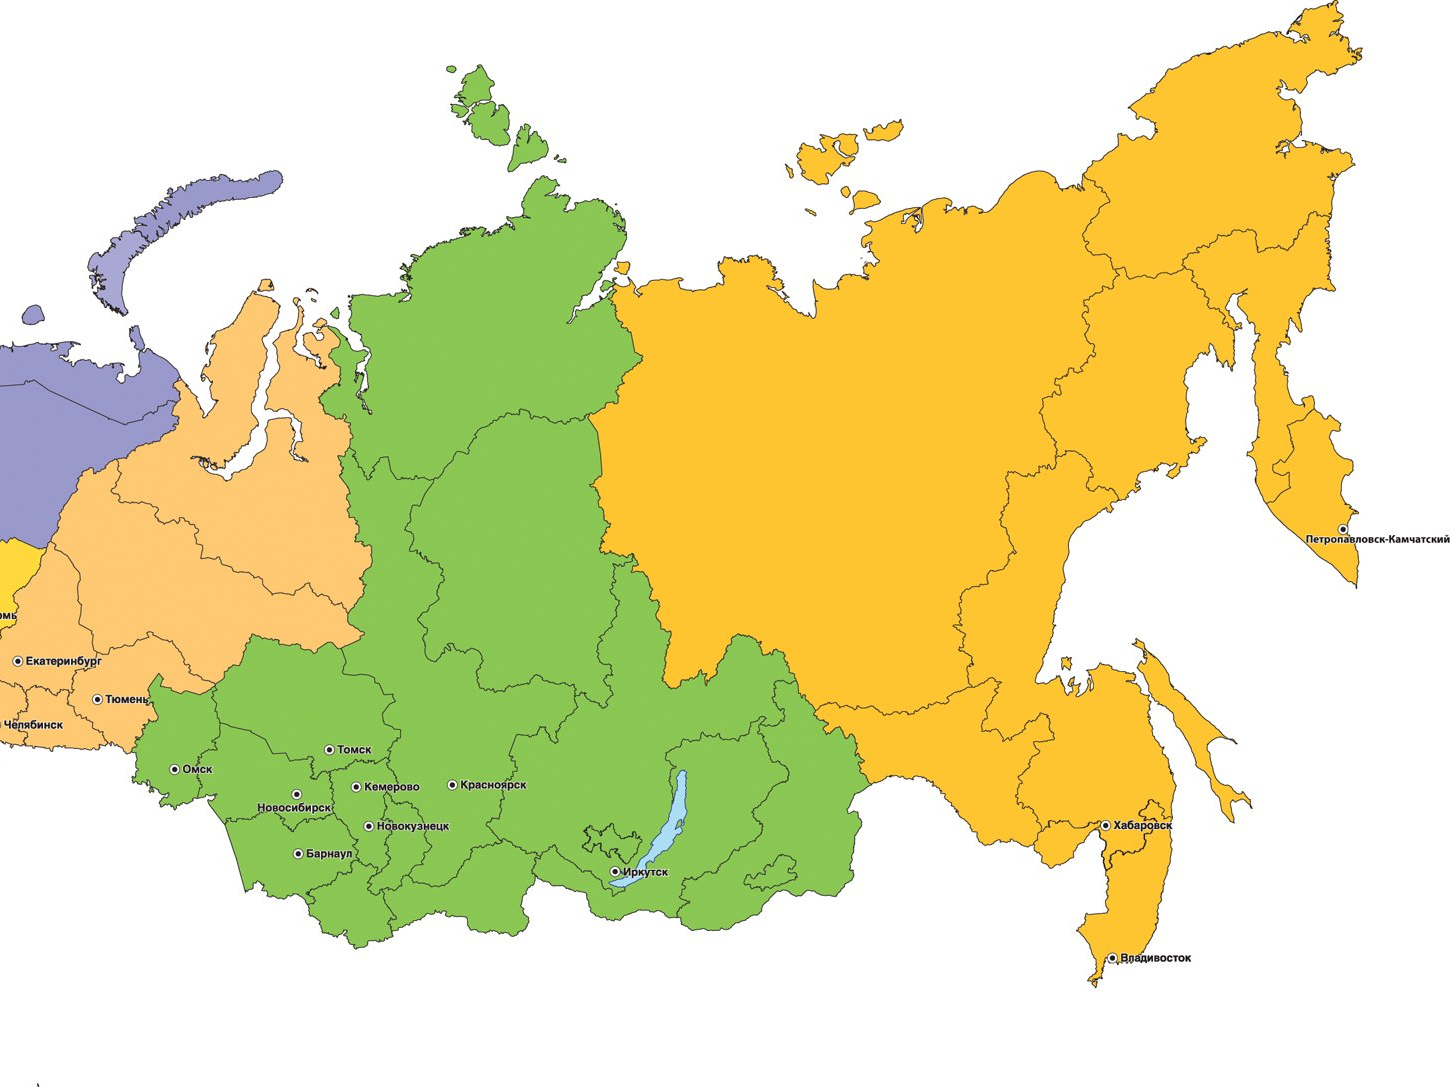 Отдел по регионам за Уралом